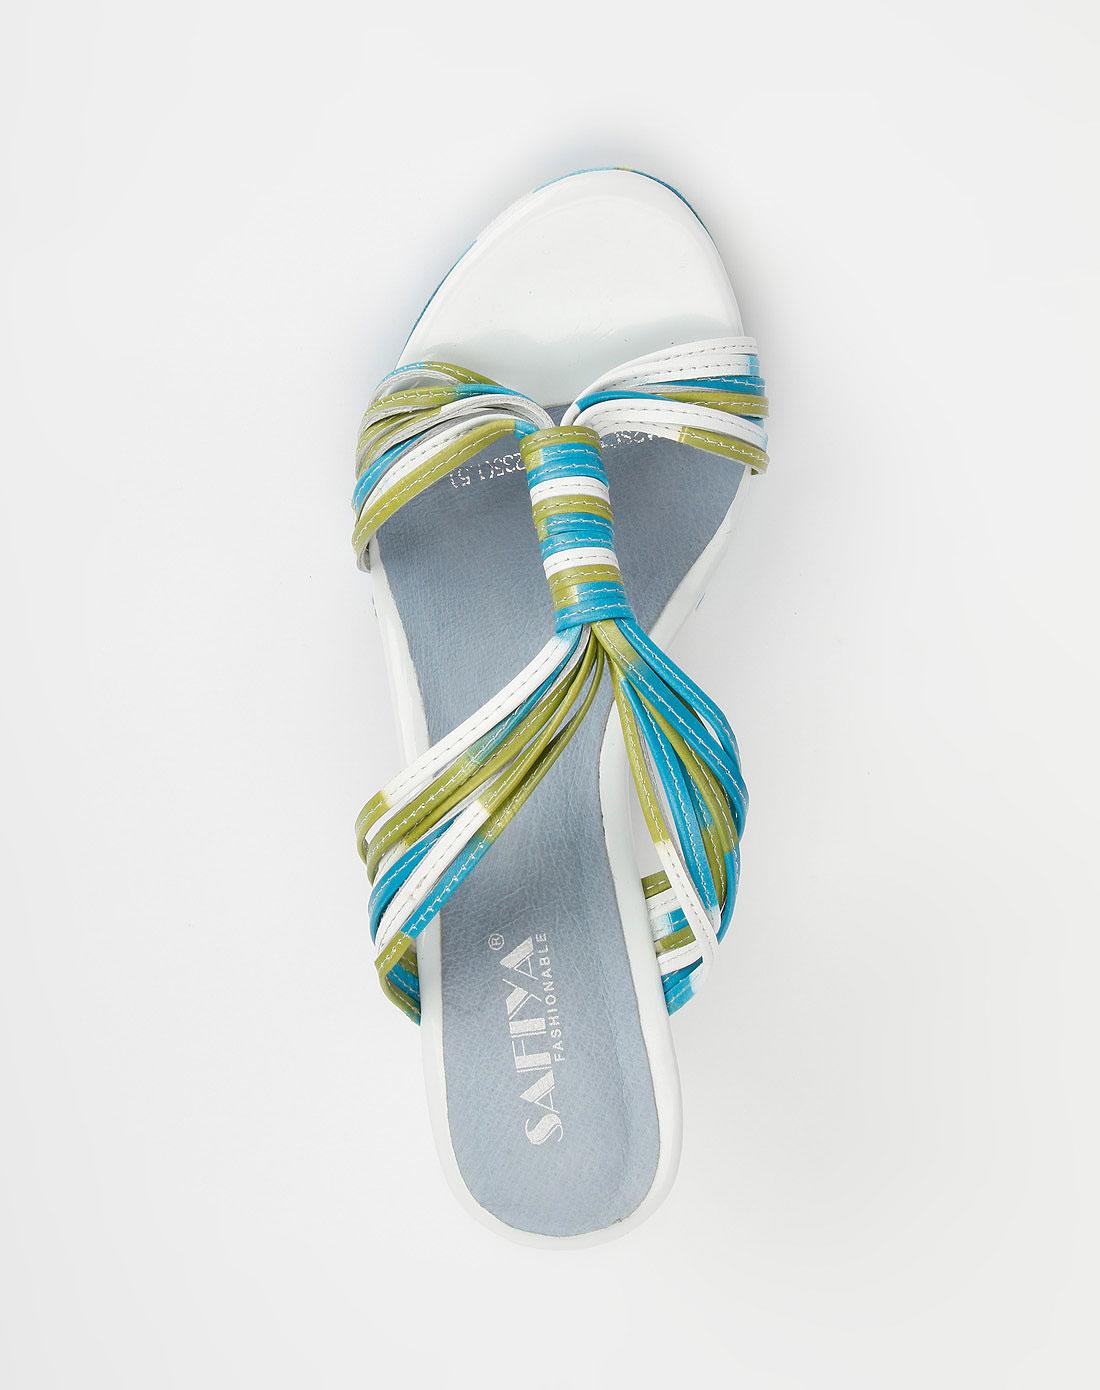 蓝/白色高跟凉鞋_索菲亚官网特价2.3-4.5折